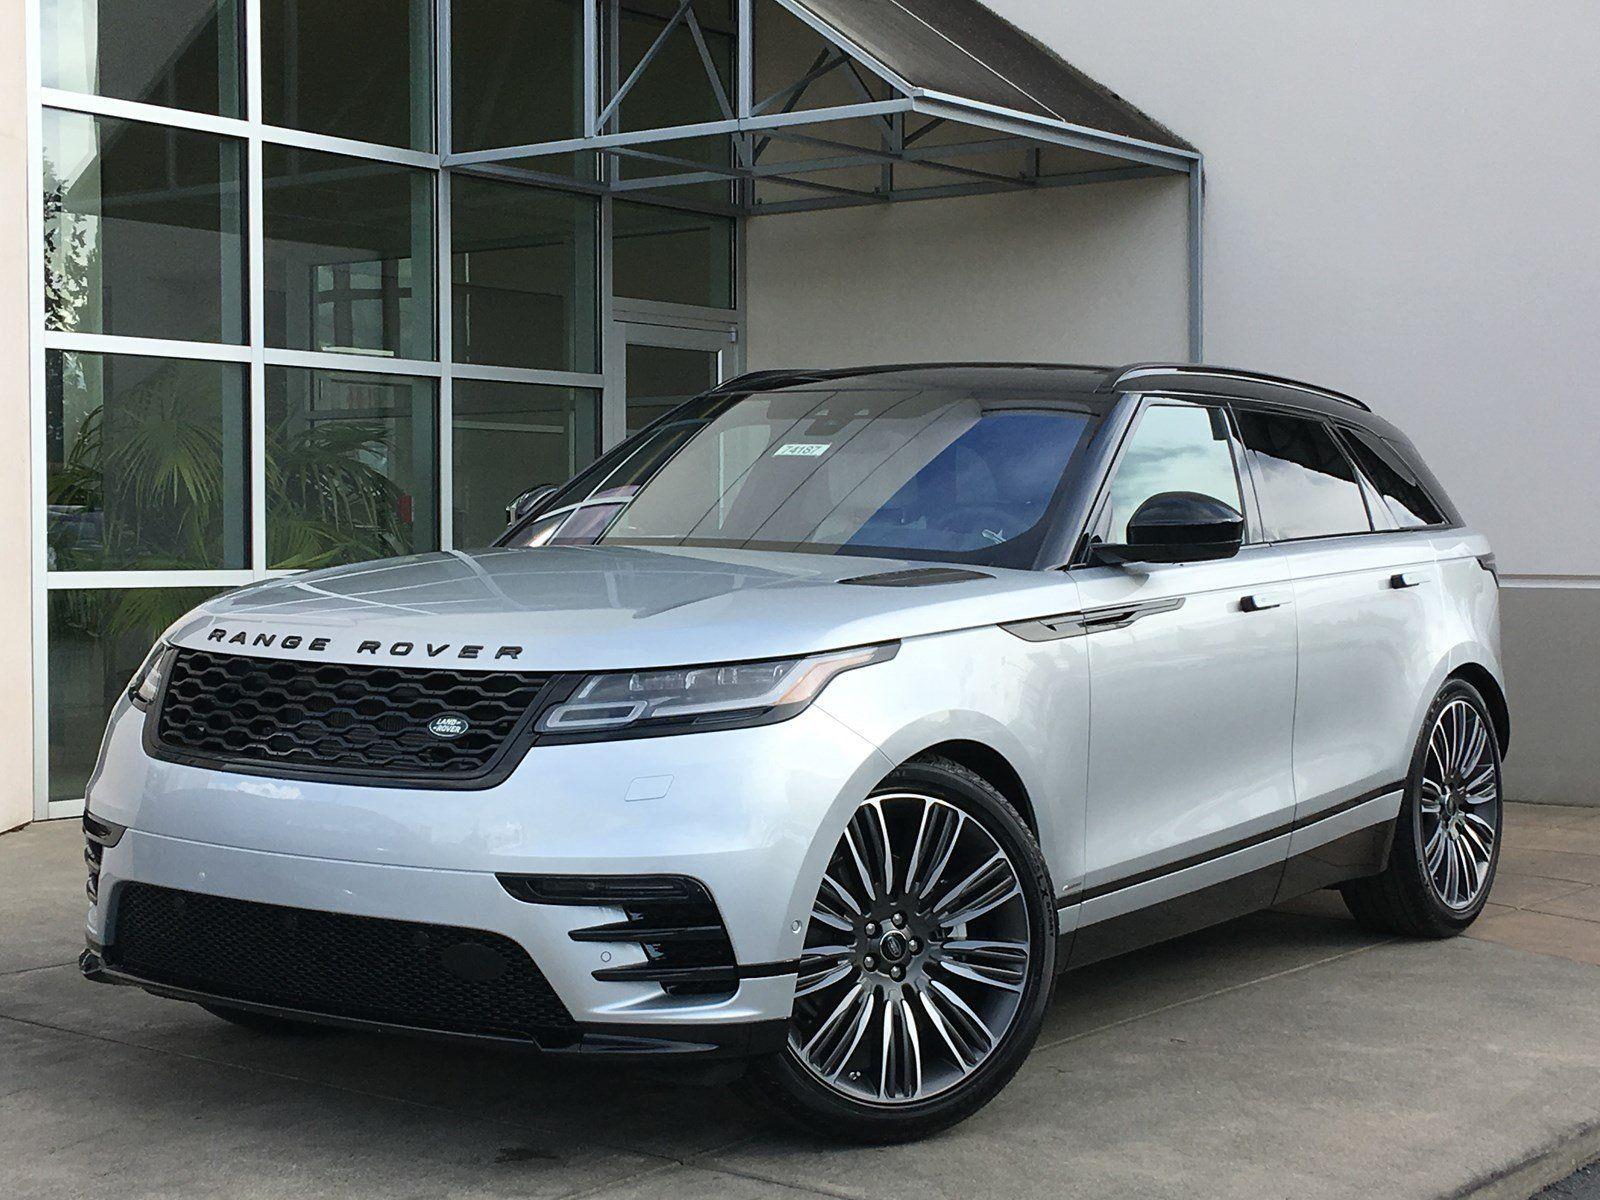 New 2019 Land Rover Range Rover Velar RDynamic HSE Sport